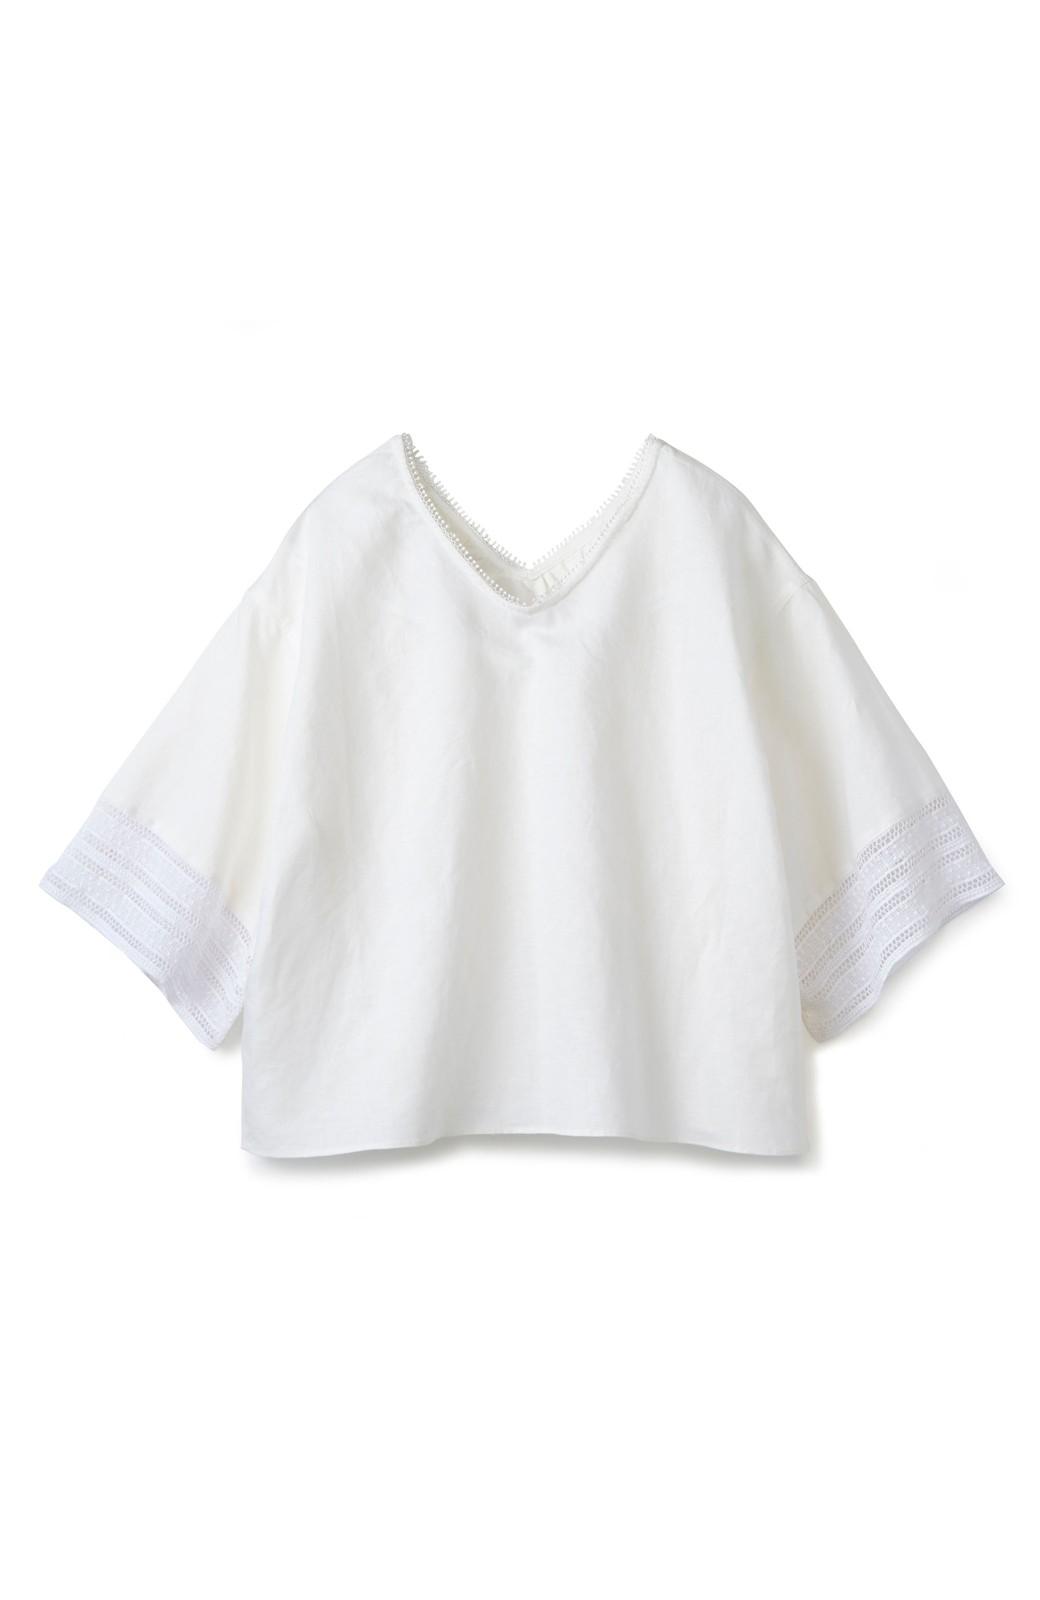 エムトロワ 着るほどになじむ 綿麻素材の袖レーストップス <ホワイト>の商品写真1